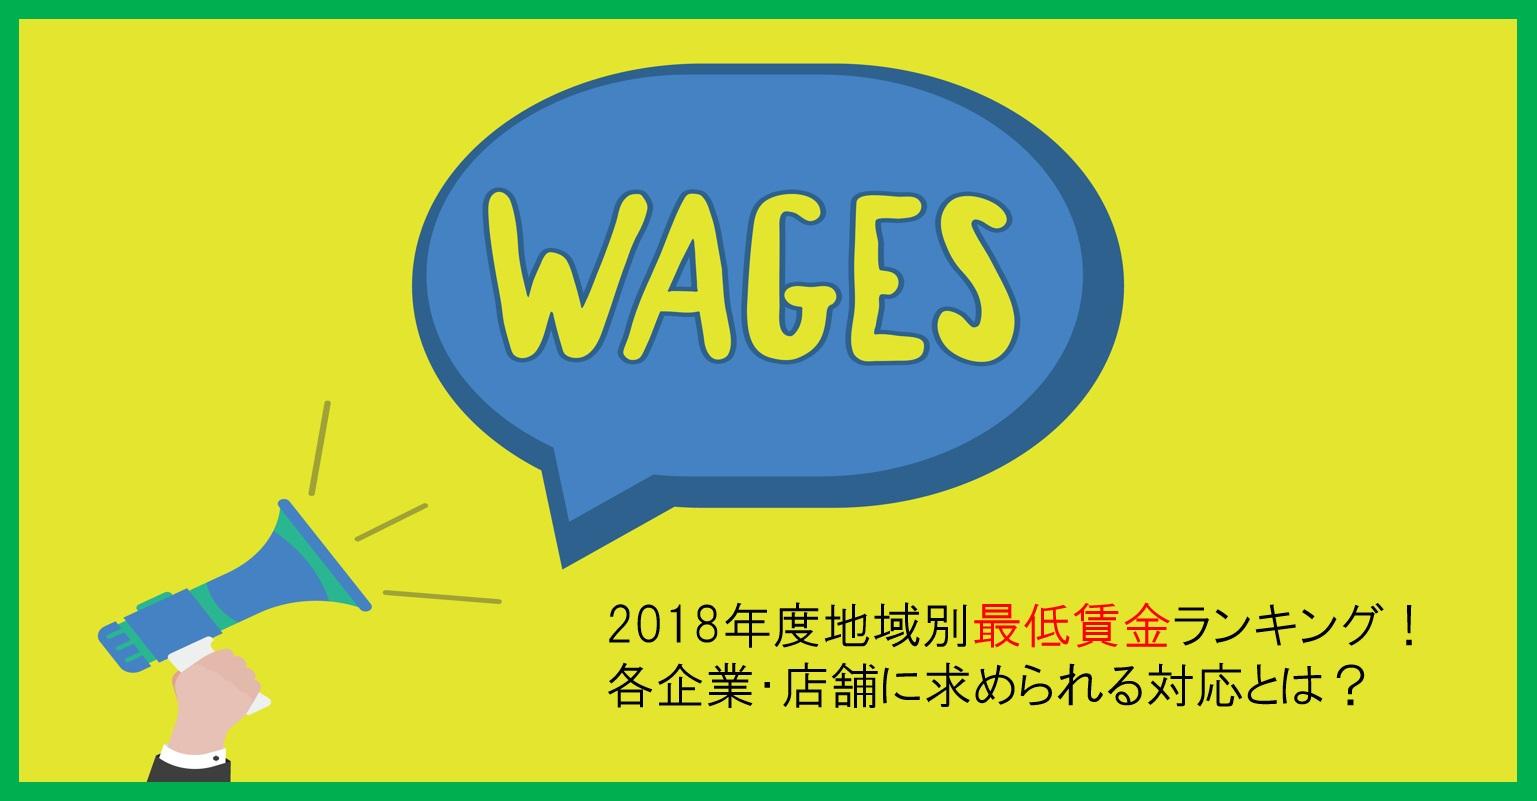 2018年度地域別最低賃金ランキング!企業・店舗に求められる対応とは?